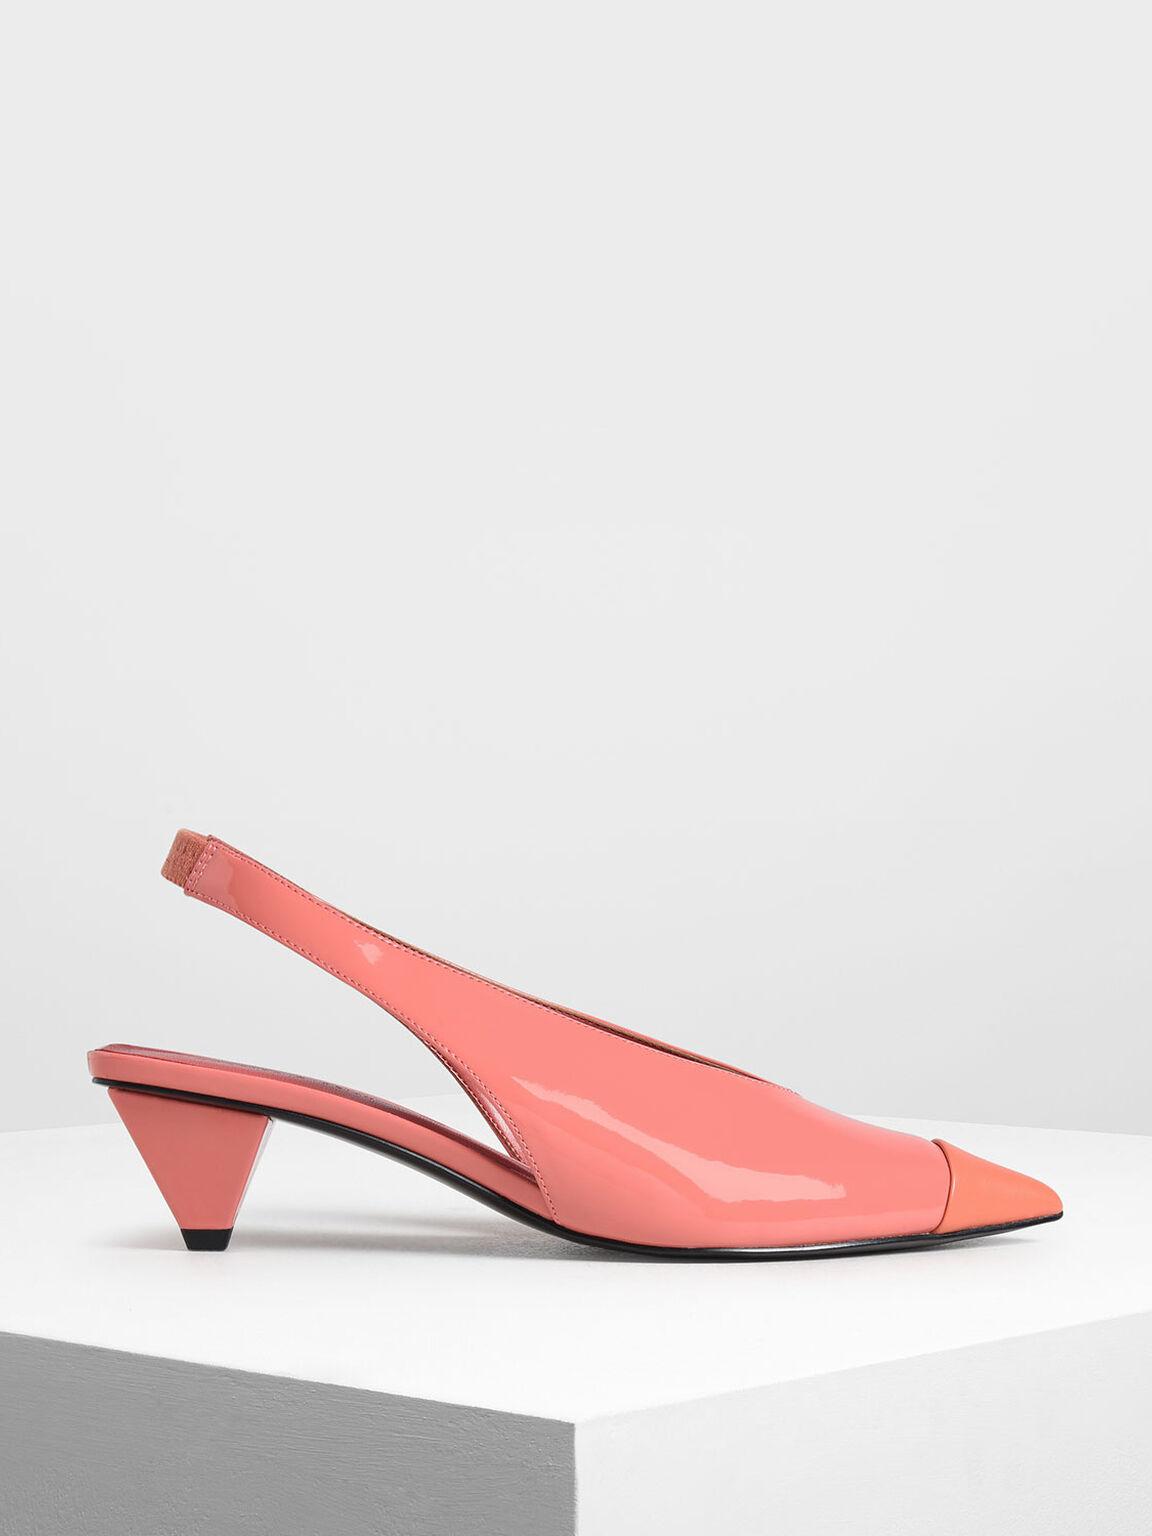 Cone Heel Slingback Pumps, Coral Pink, hi-res